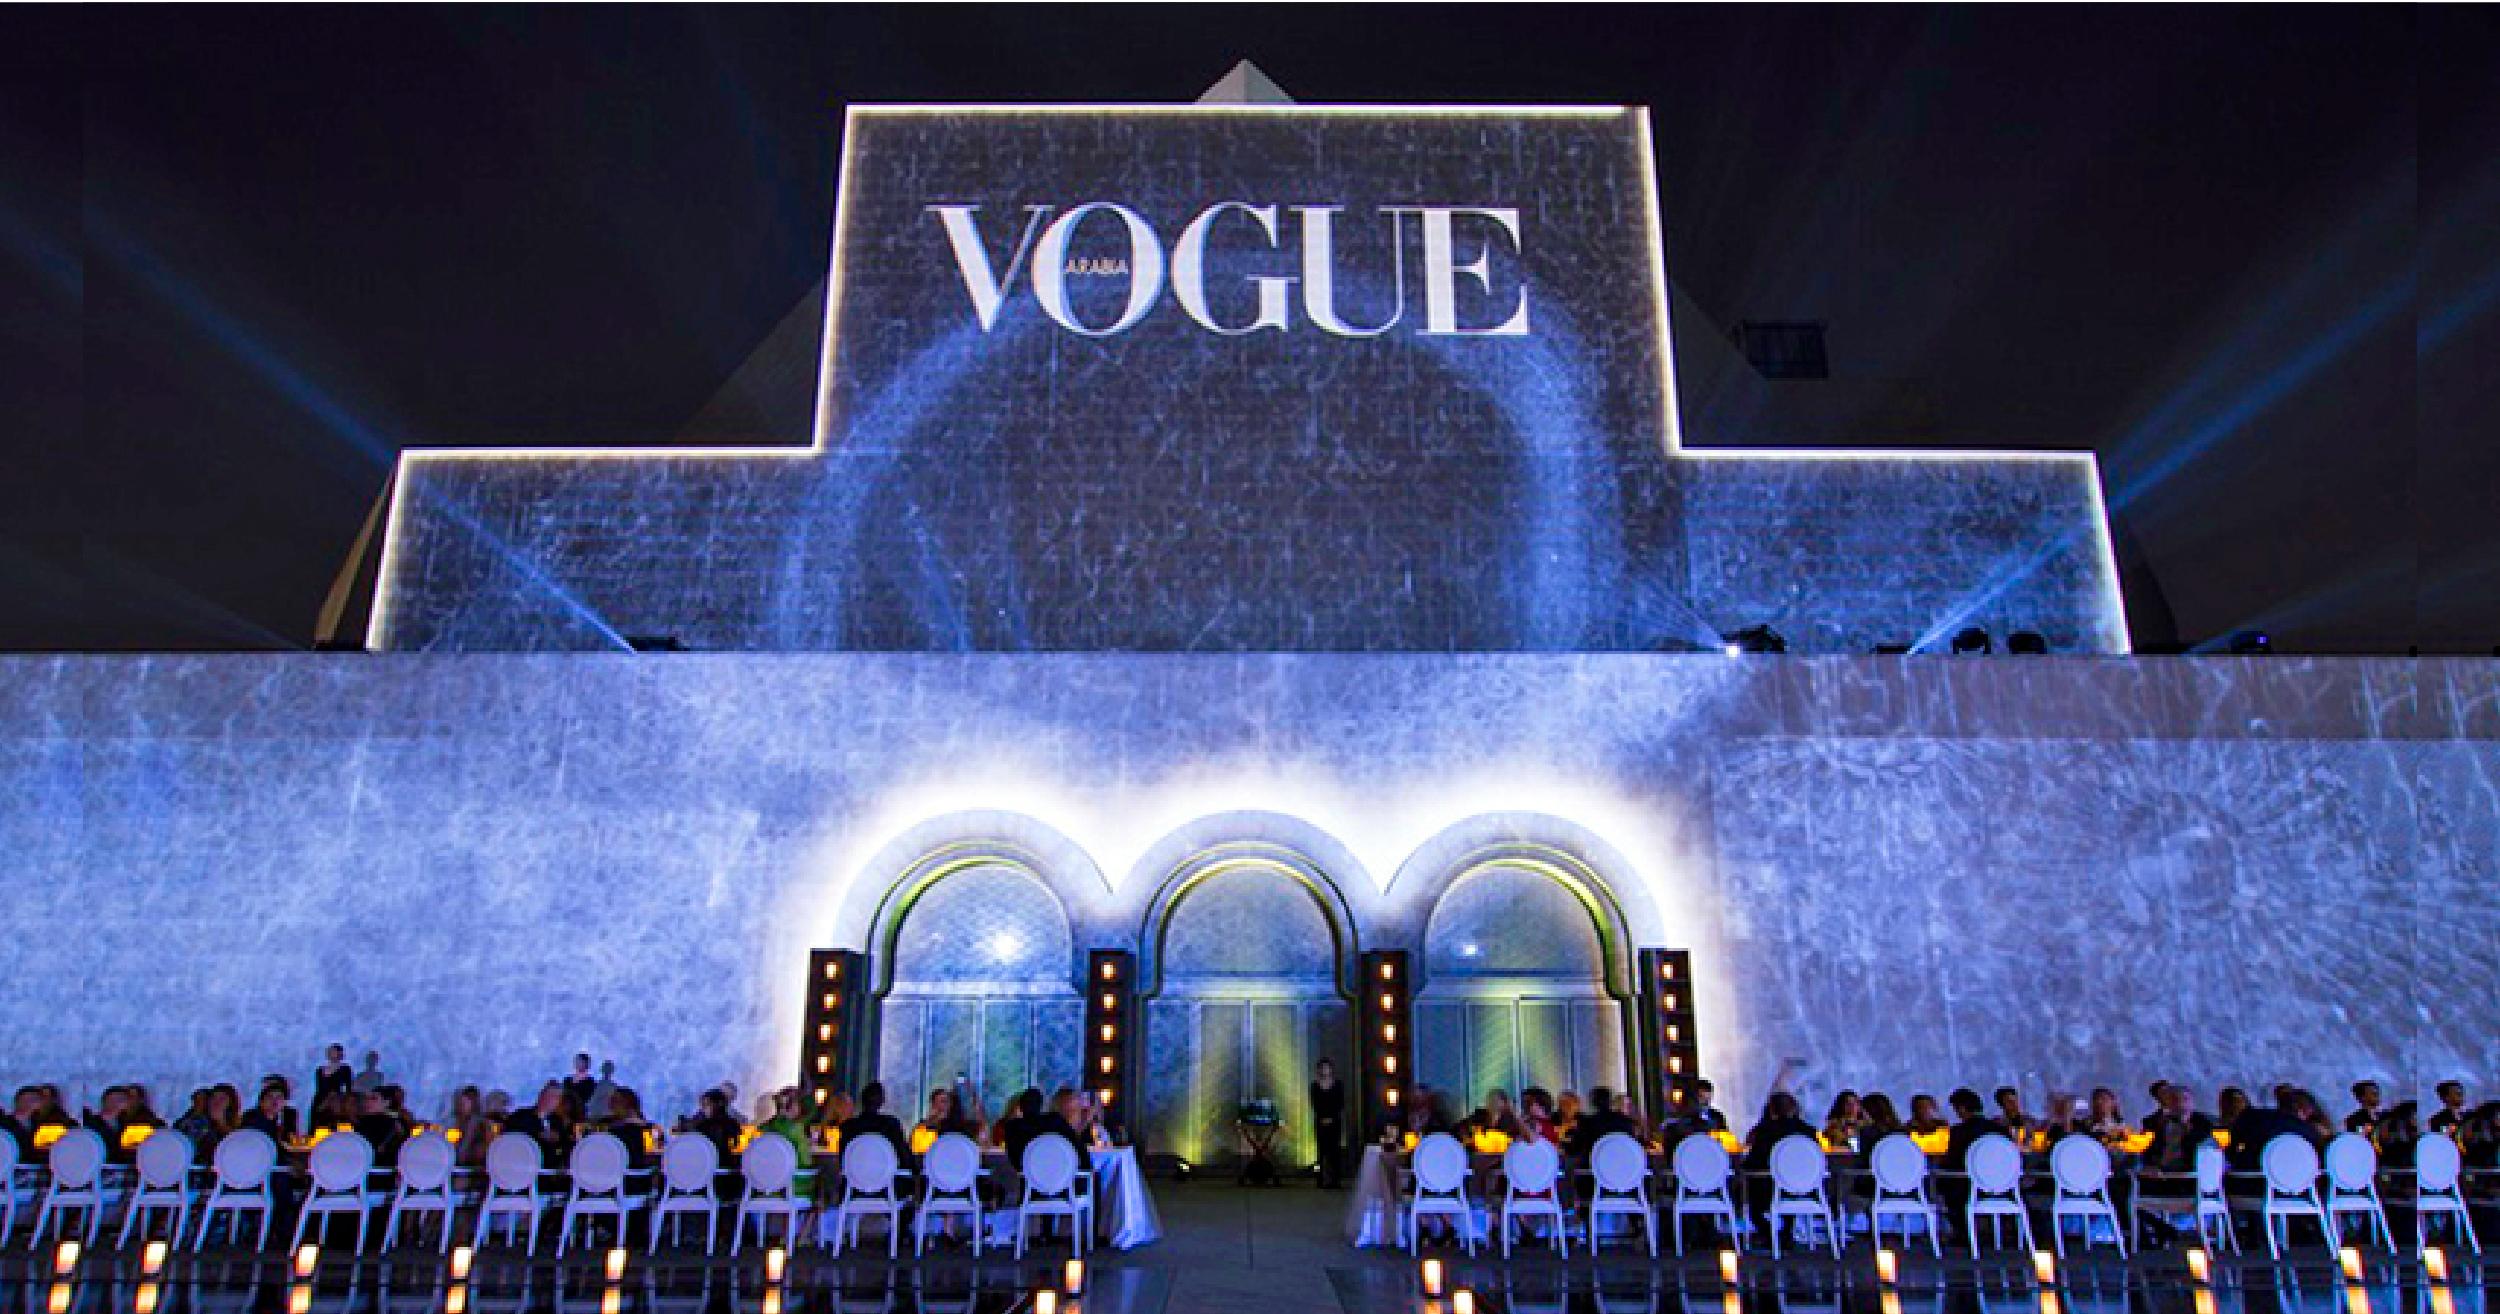 Lịch sử hình thành của huyền thoại tạp chí thời trang Vogue   Phần 2: Tầm ảnh hưởng đa diện